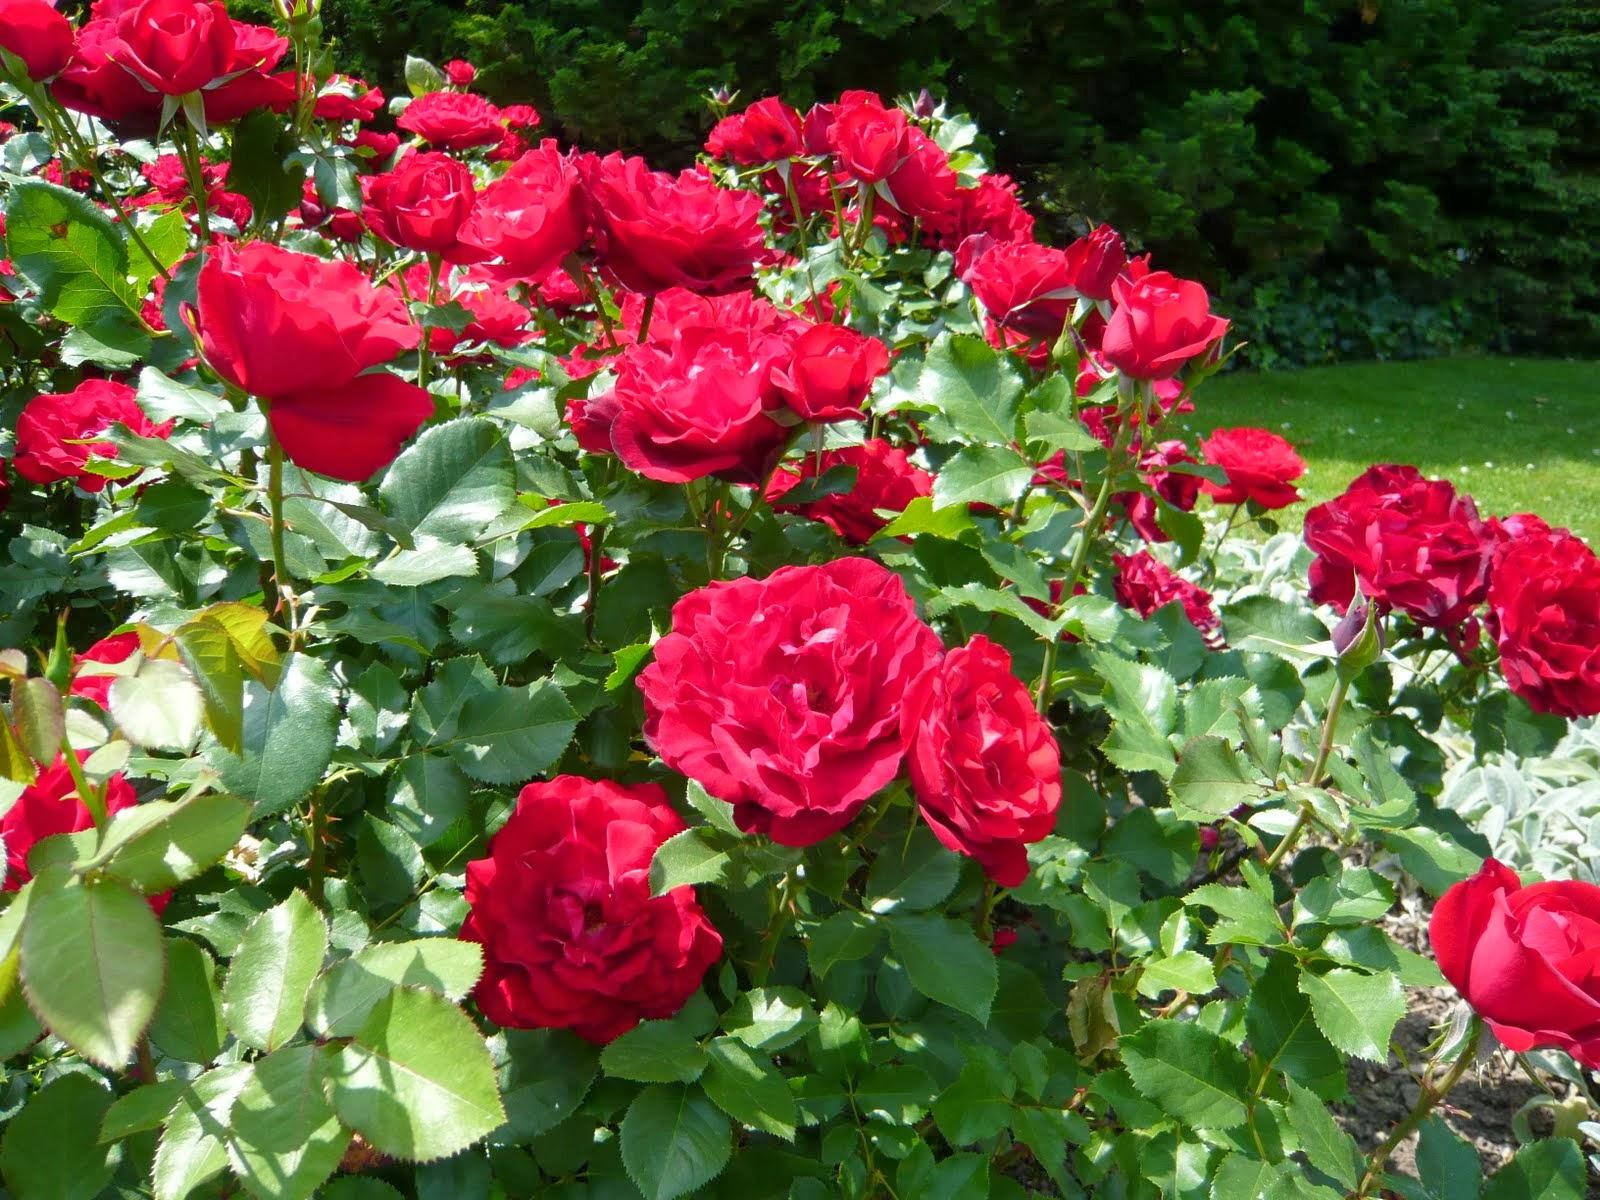 jardim rosas vermelhas:Jardim de Stefania: * O jardim da minha avó